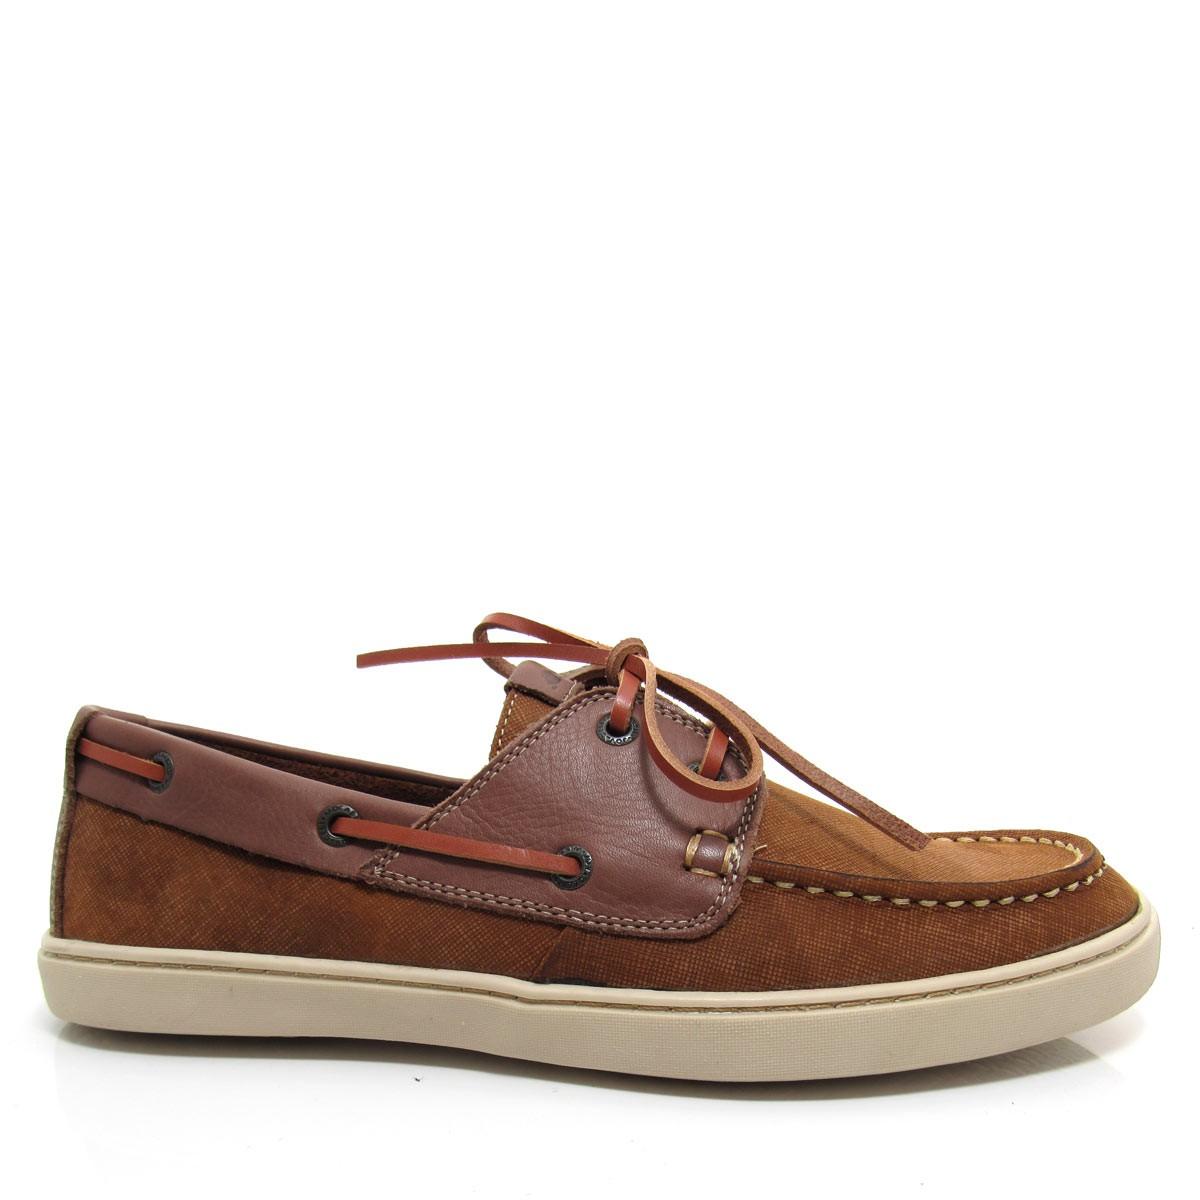 4675cc5028 Sapato DockSide Masculino Jovaceli em couro 1100 Coleção 2018